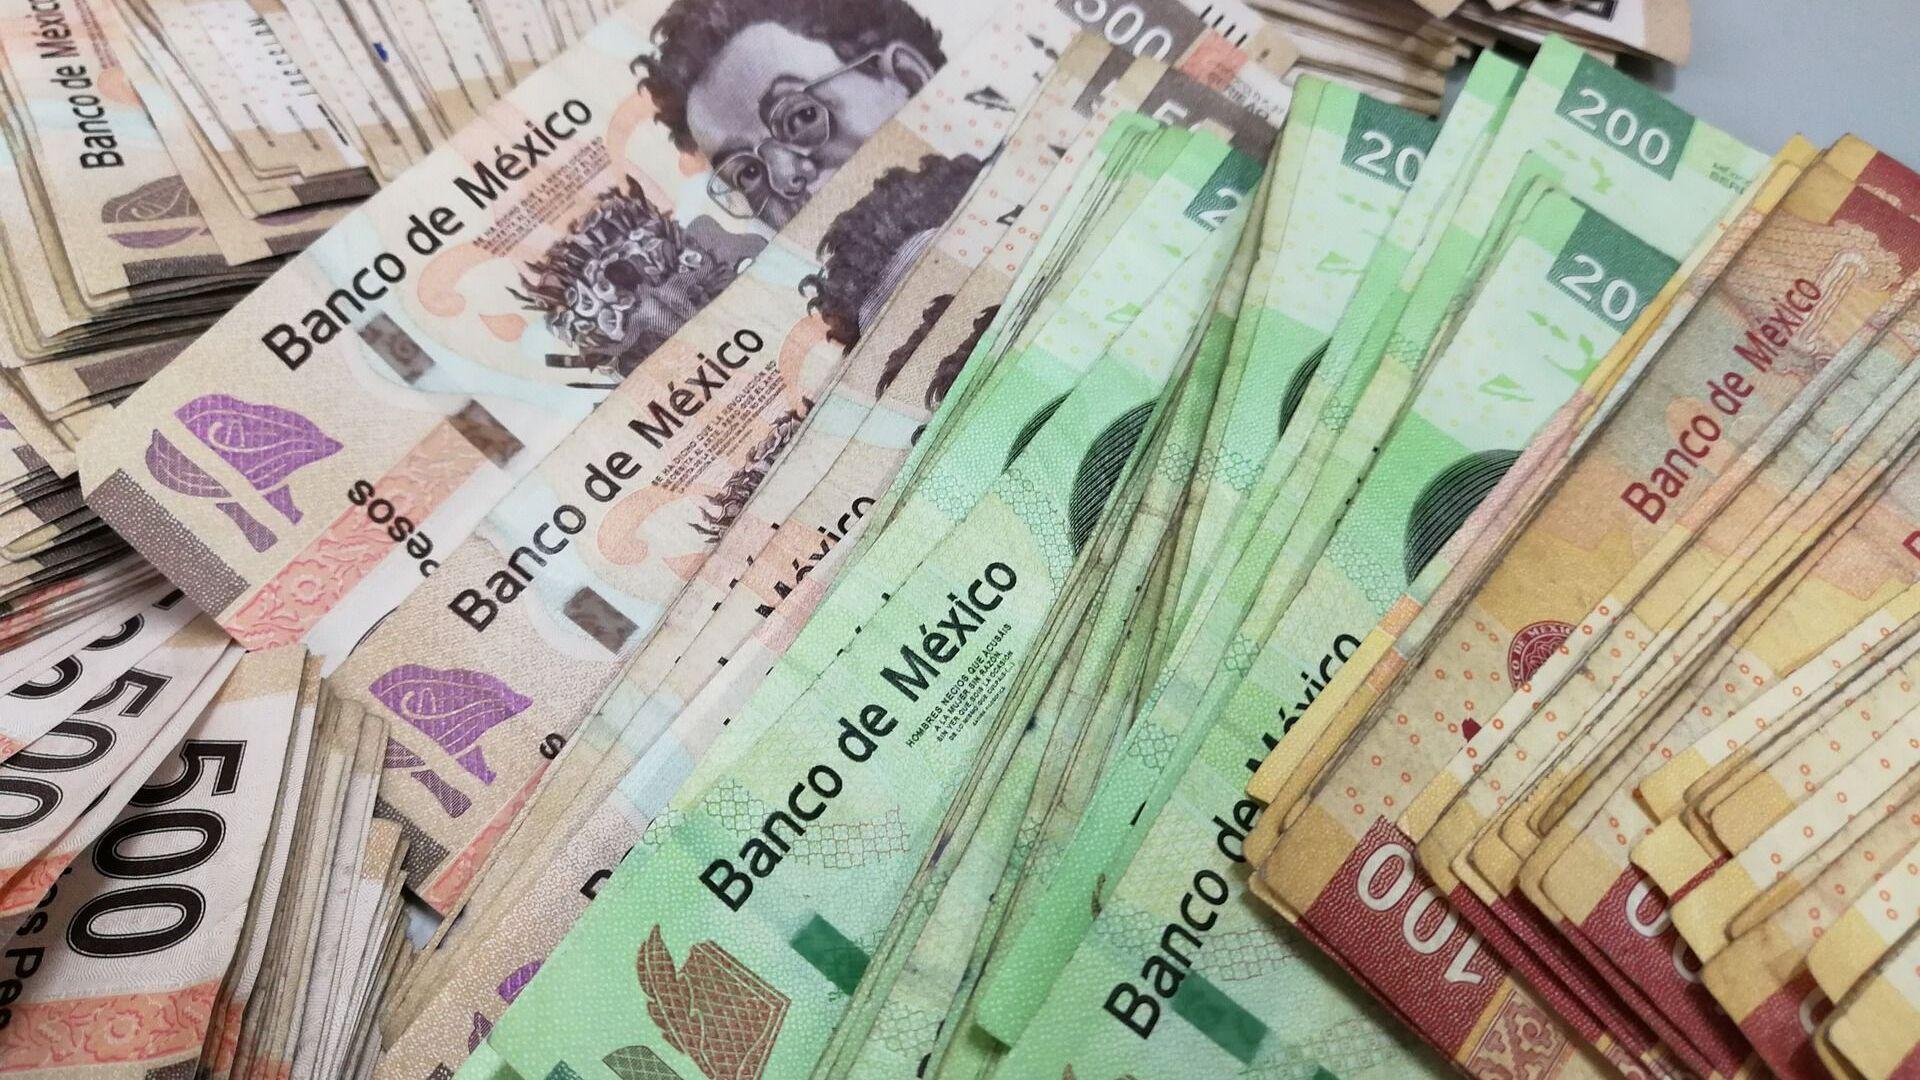 Pesos mexicanos (archivo) - Sputnik Mundo, 1920, 29.07.2021